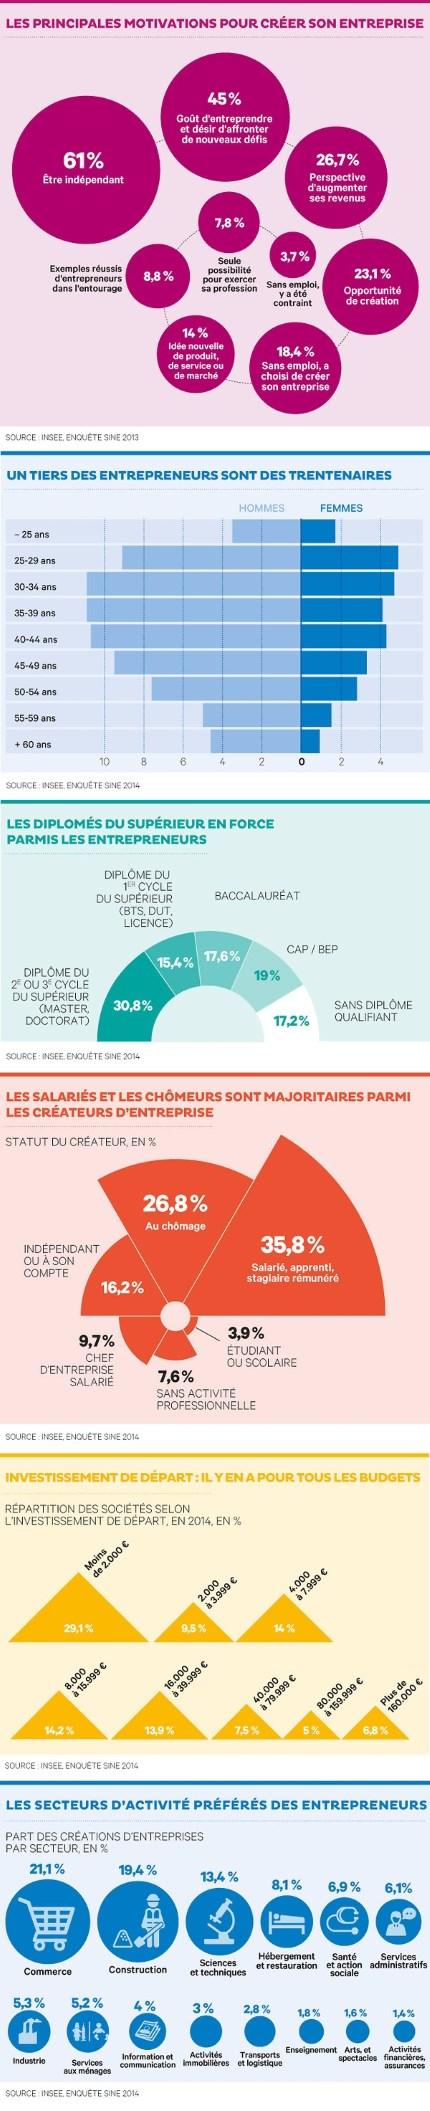 Caractéristiques entrepreneurs français